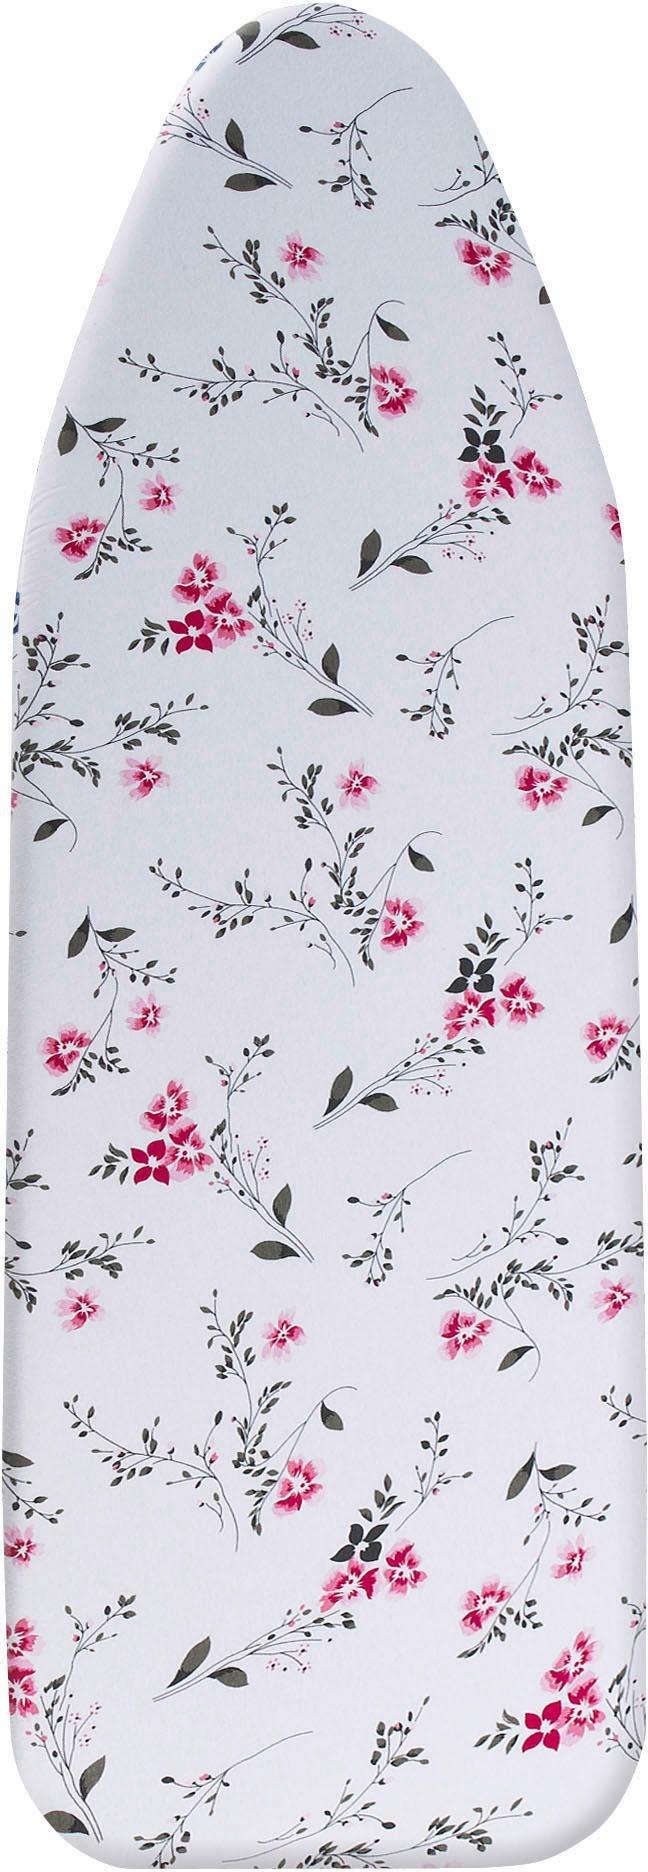 Image of WENKO Bügelbrettbezug Keramik Floral